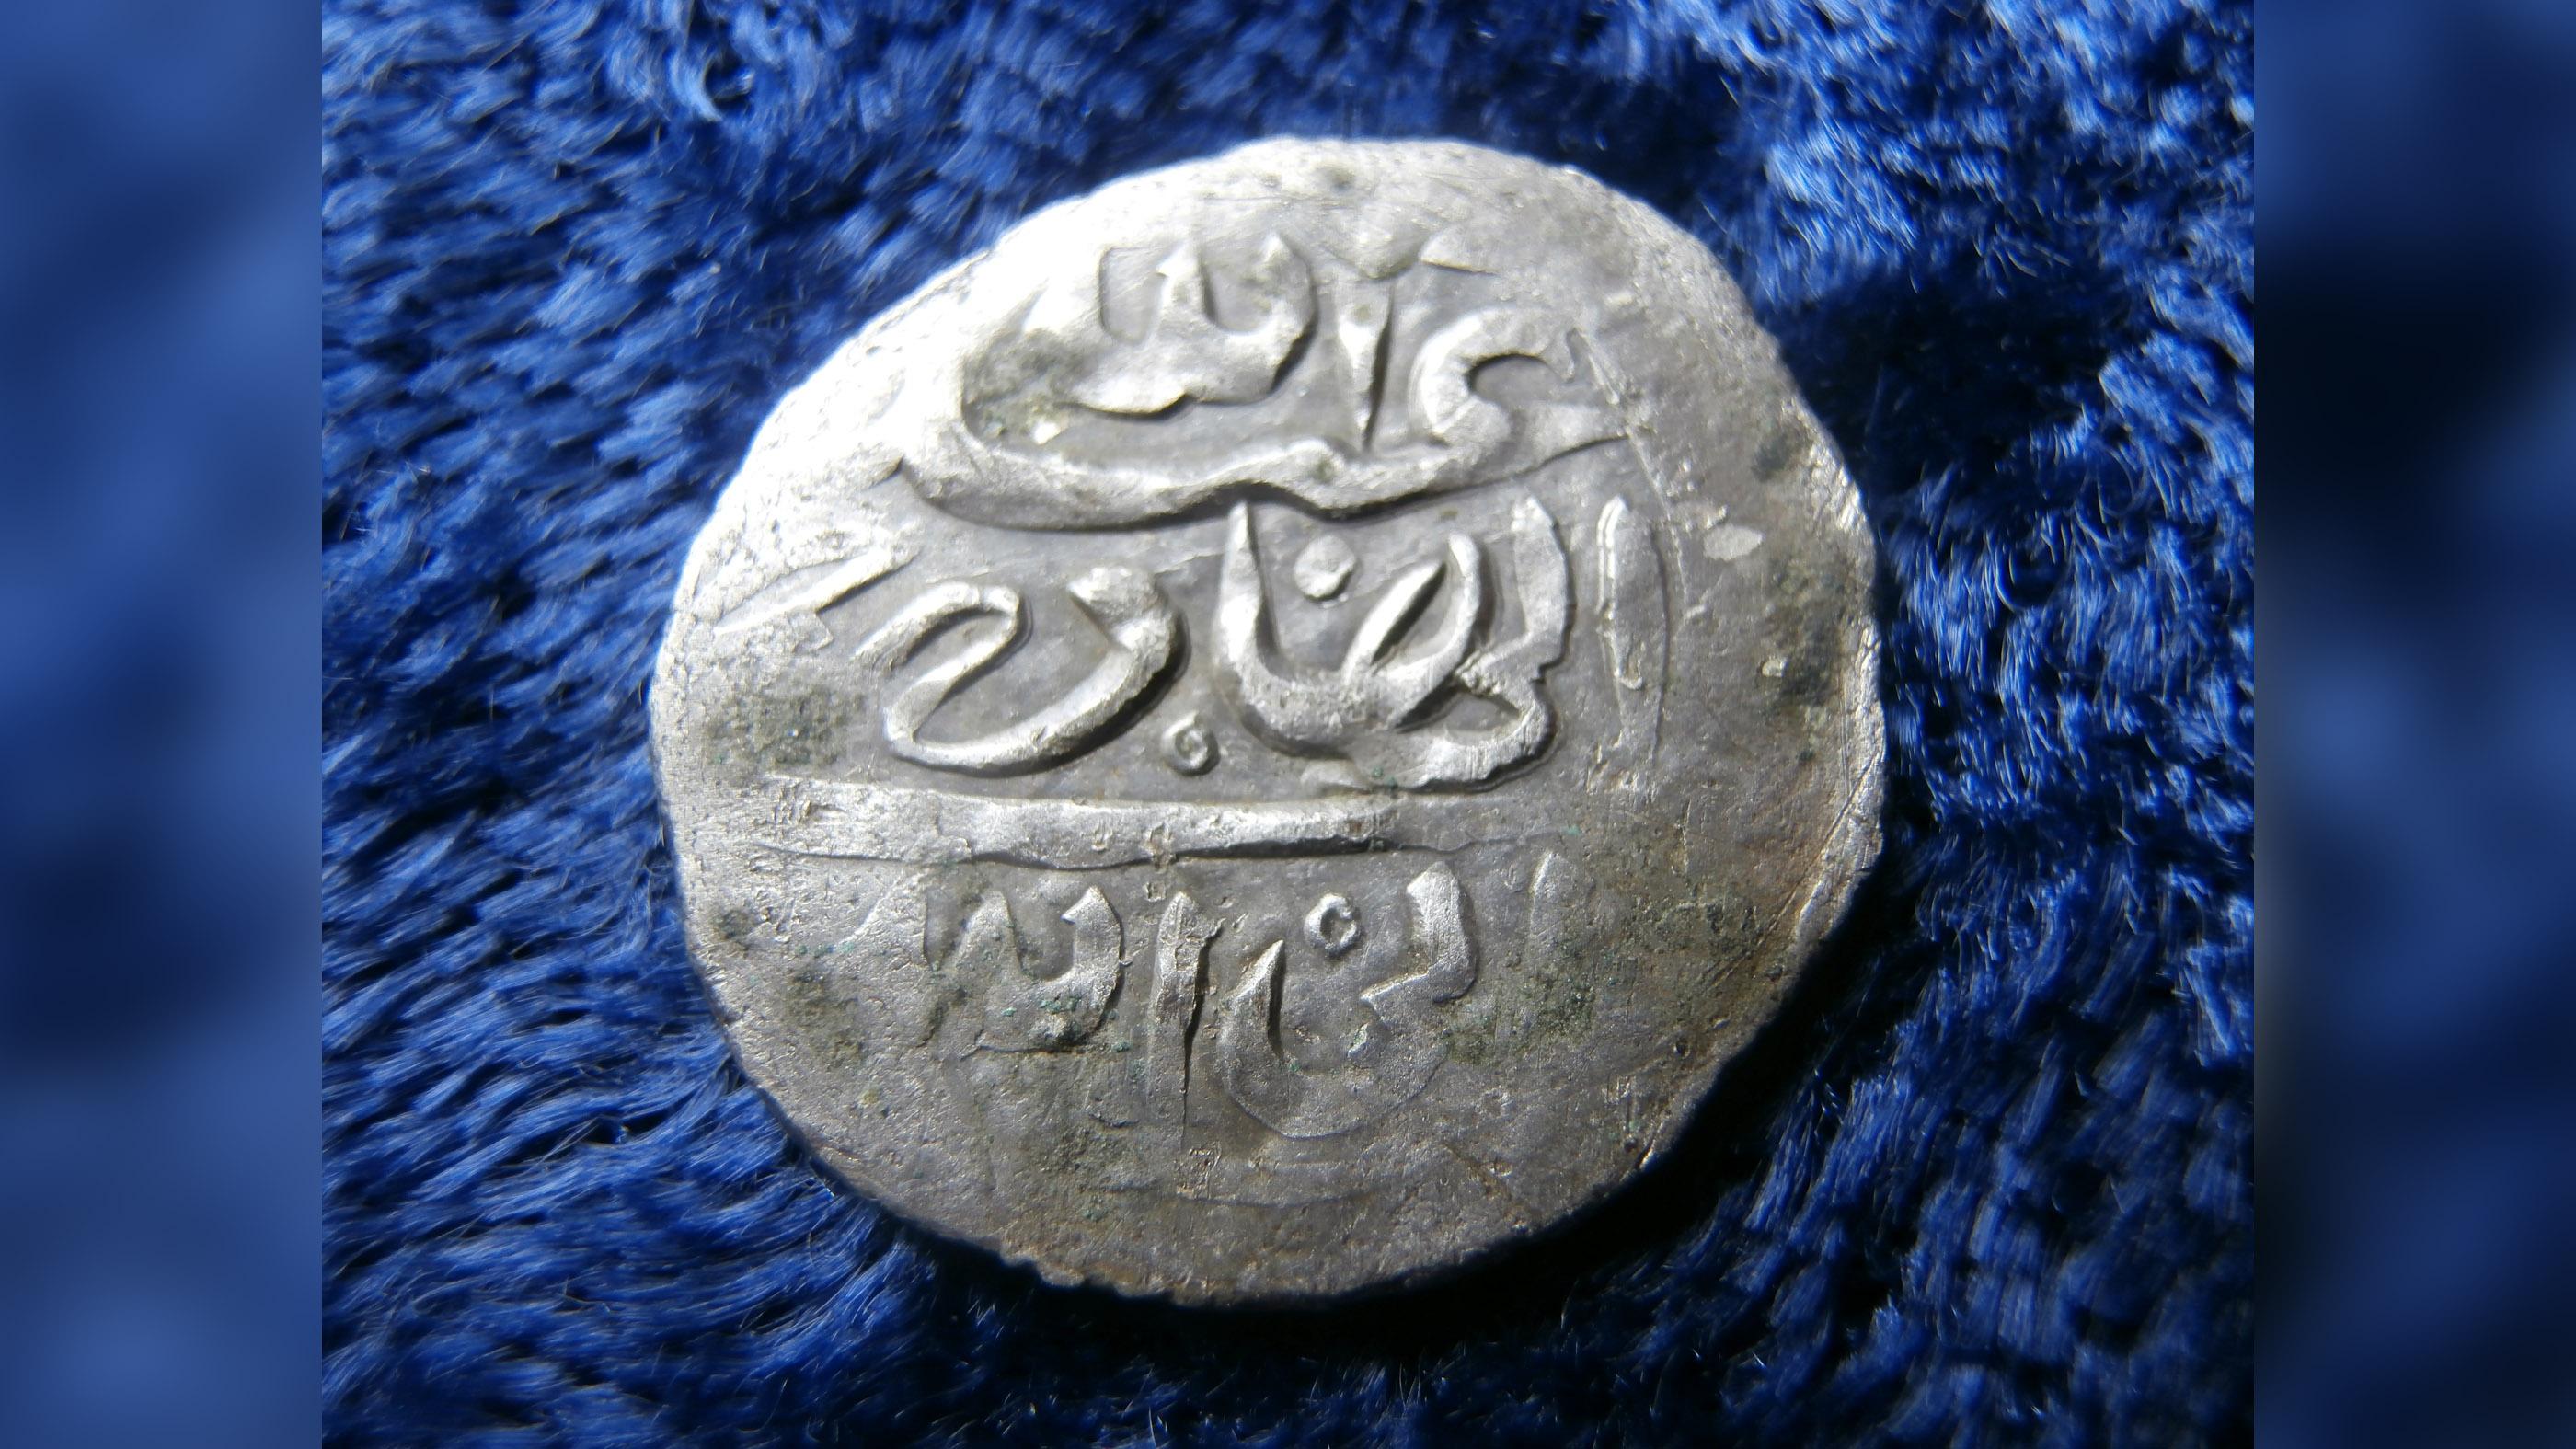 La pièce d'argent yéménite de 1693 trouvée en 2014 à Rhode Island.  Des pièces similaires similaires ont depuis été découvertes sur des sites coloniaux américains.